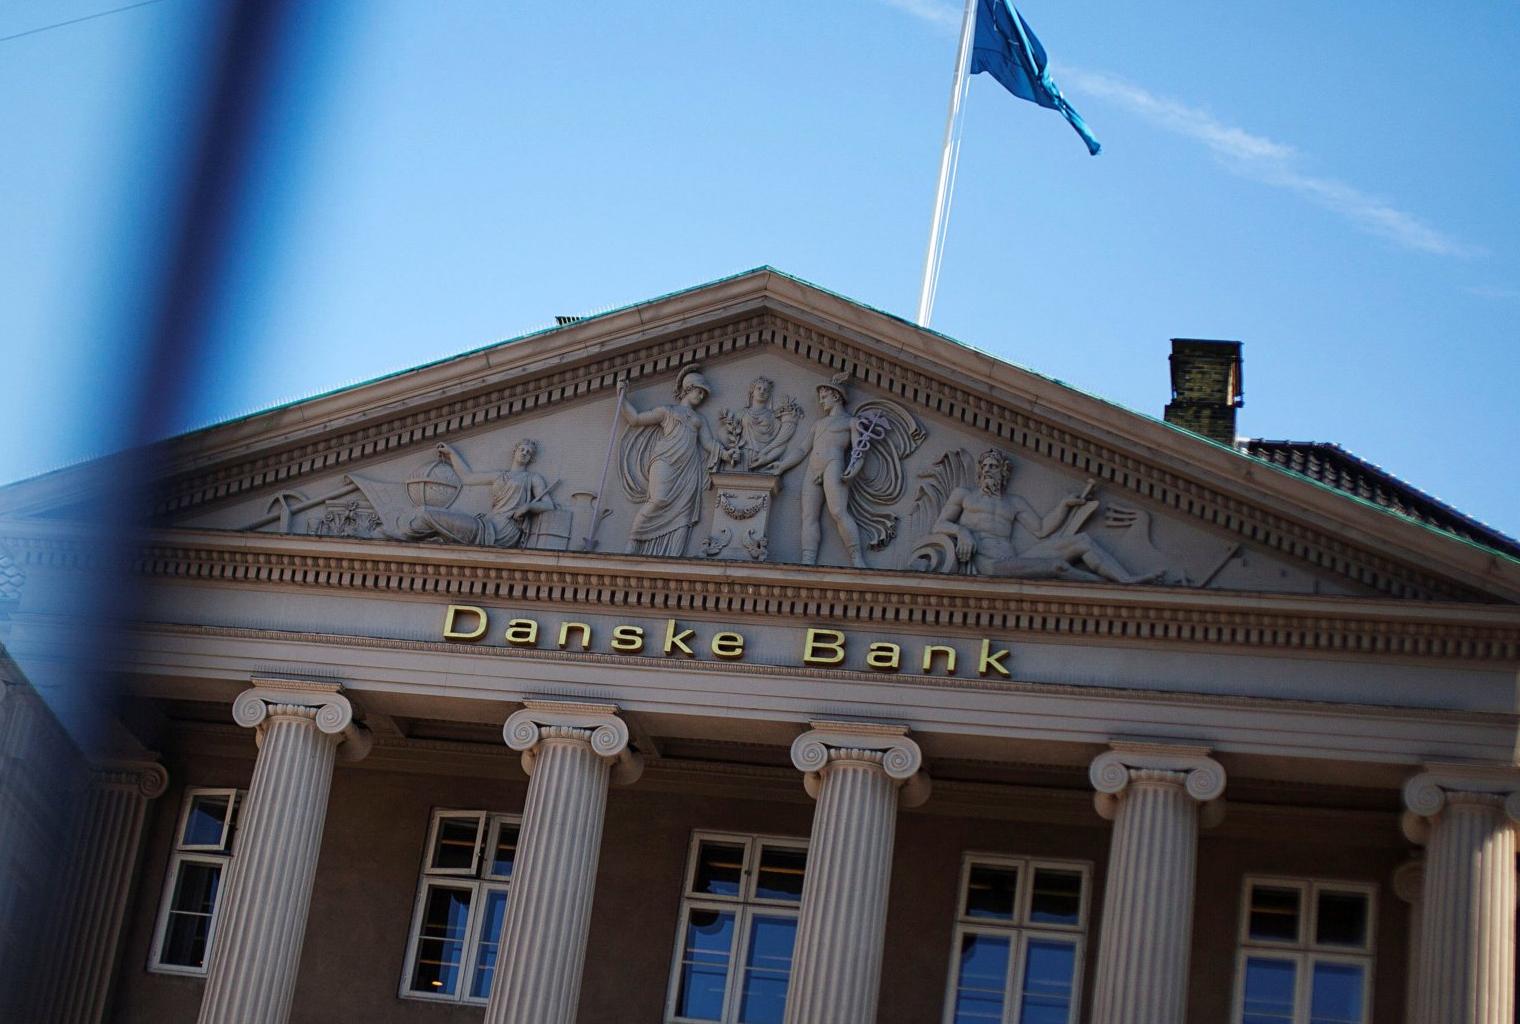 Danske Bank atrapado usando lingotes de oro para lavar fondos ilícitos